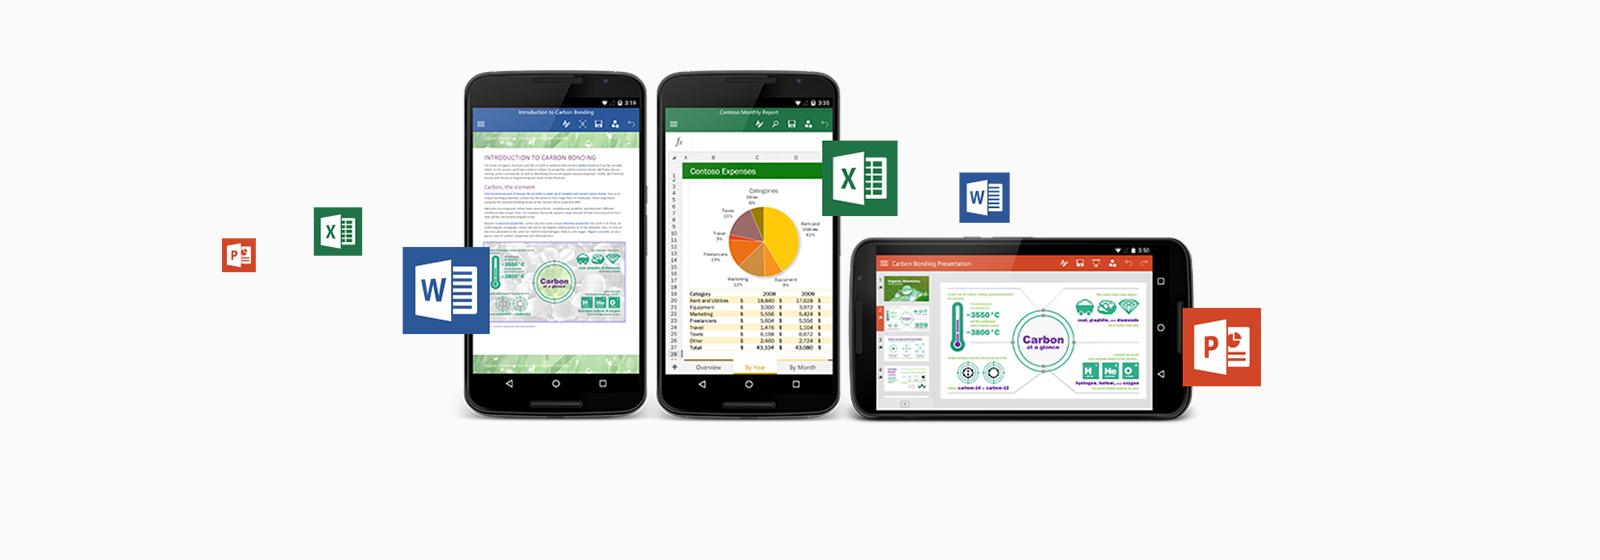 Android 携帯とタブレットで使える Office アプリケーションについてはこちら。